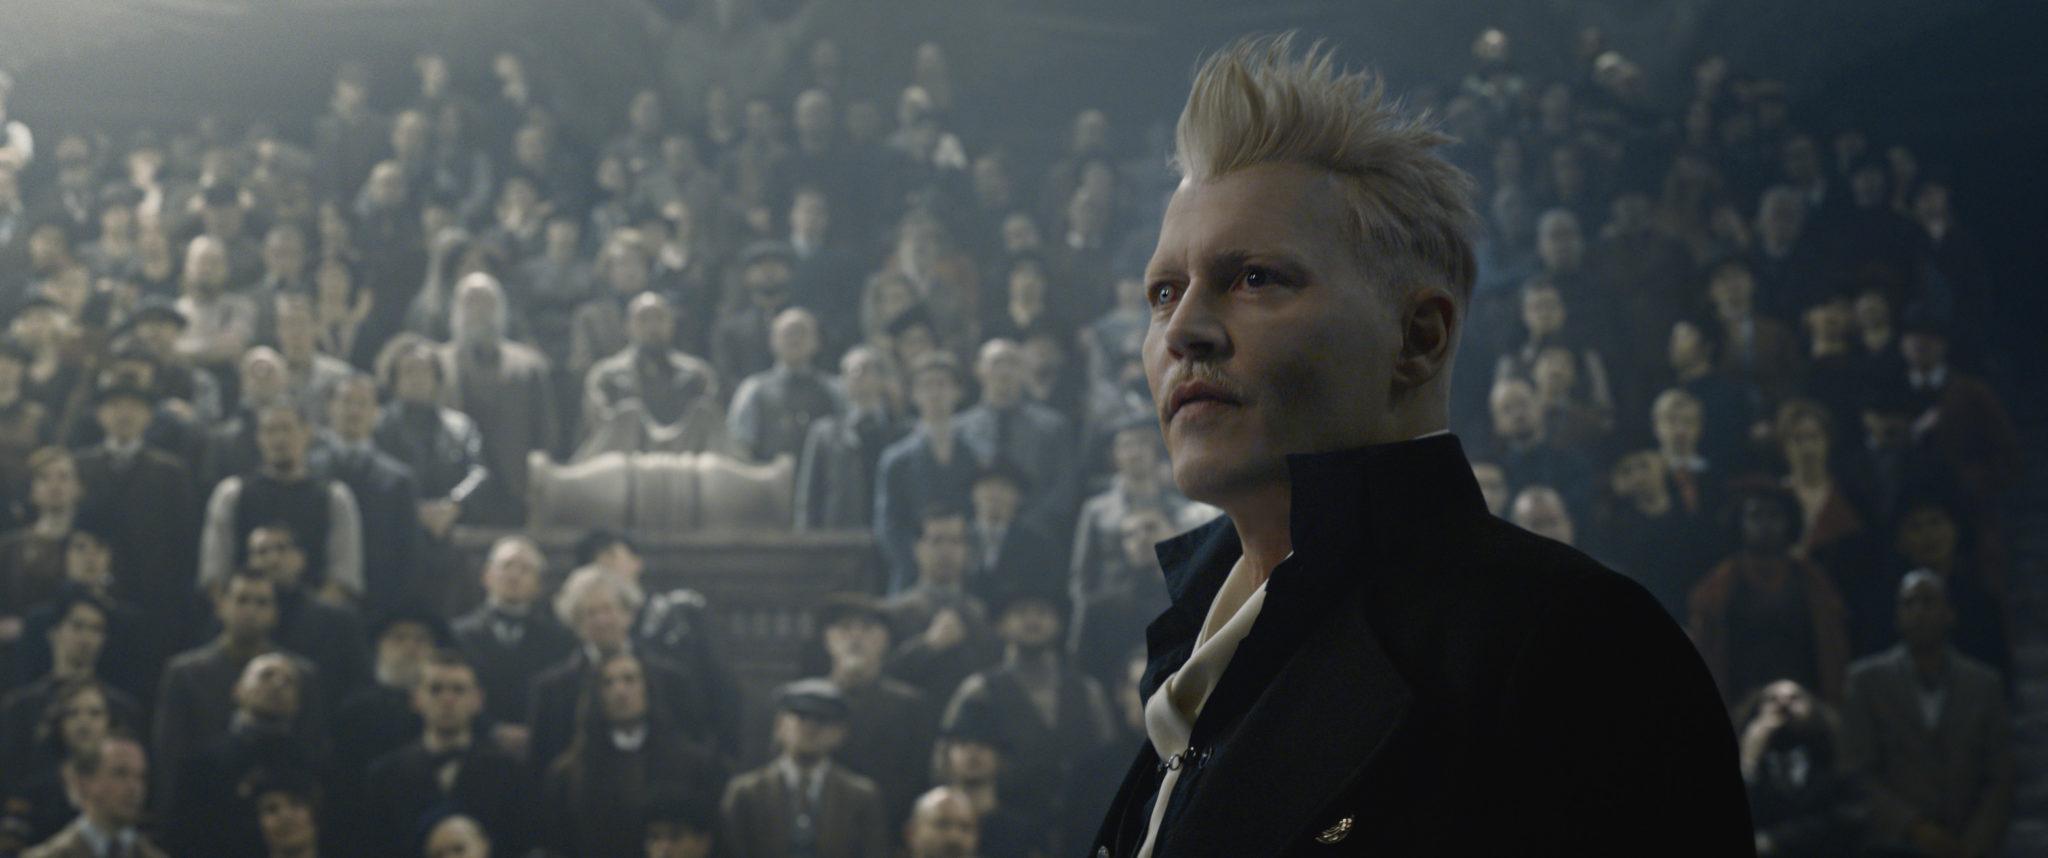 gellert grindelwald stojący na tle tłumu, blond włosy postawione do góry